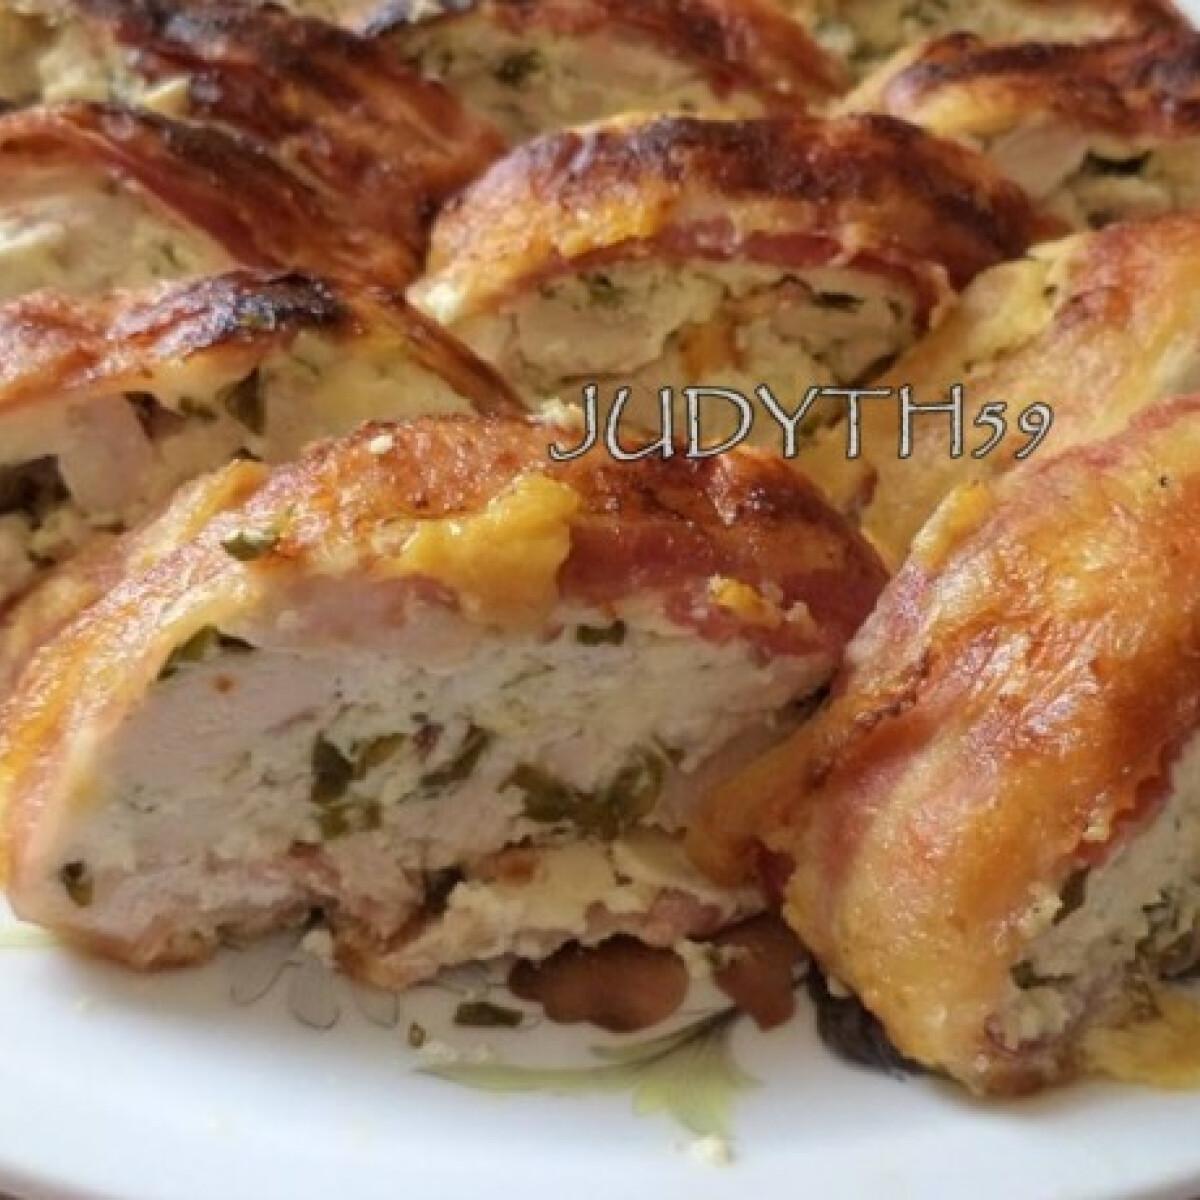 Csirkemell bacon ágyon JUDYTH konyhájából